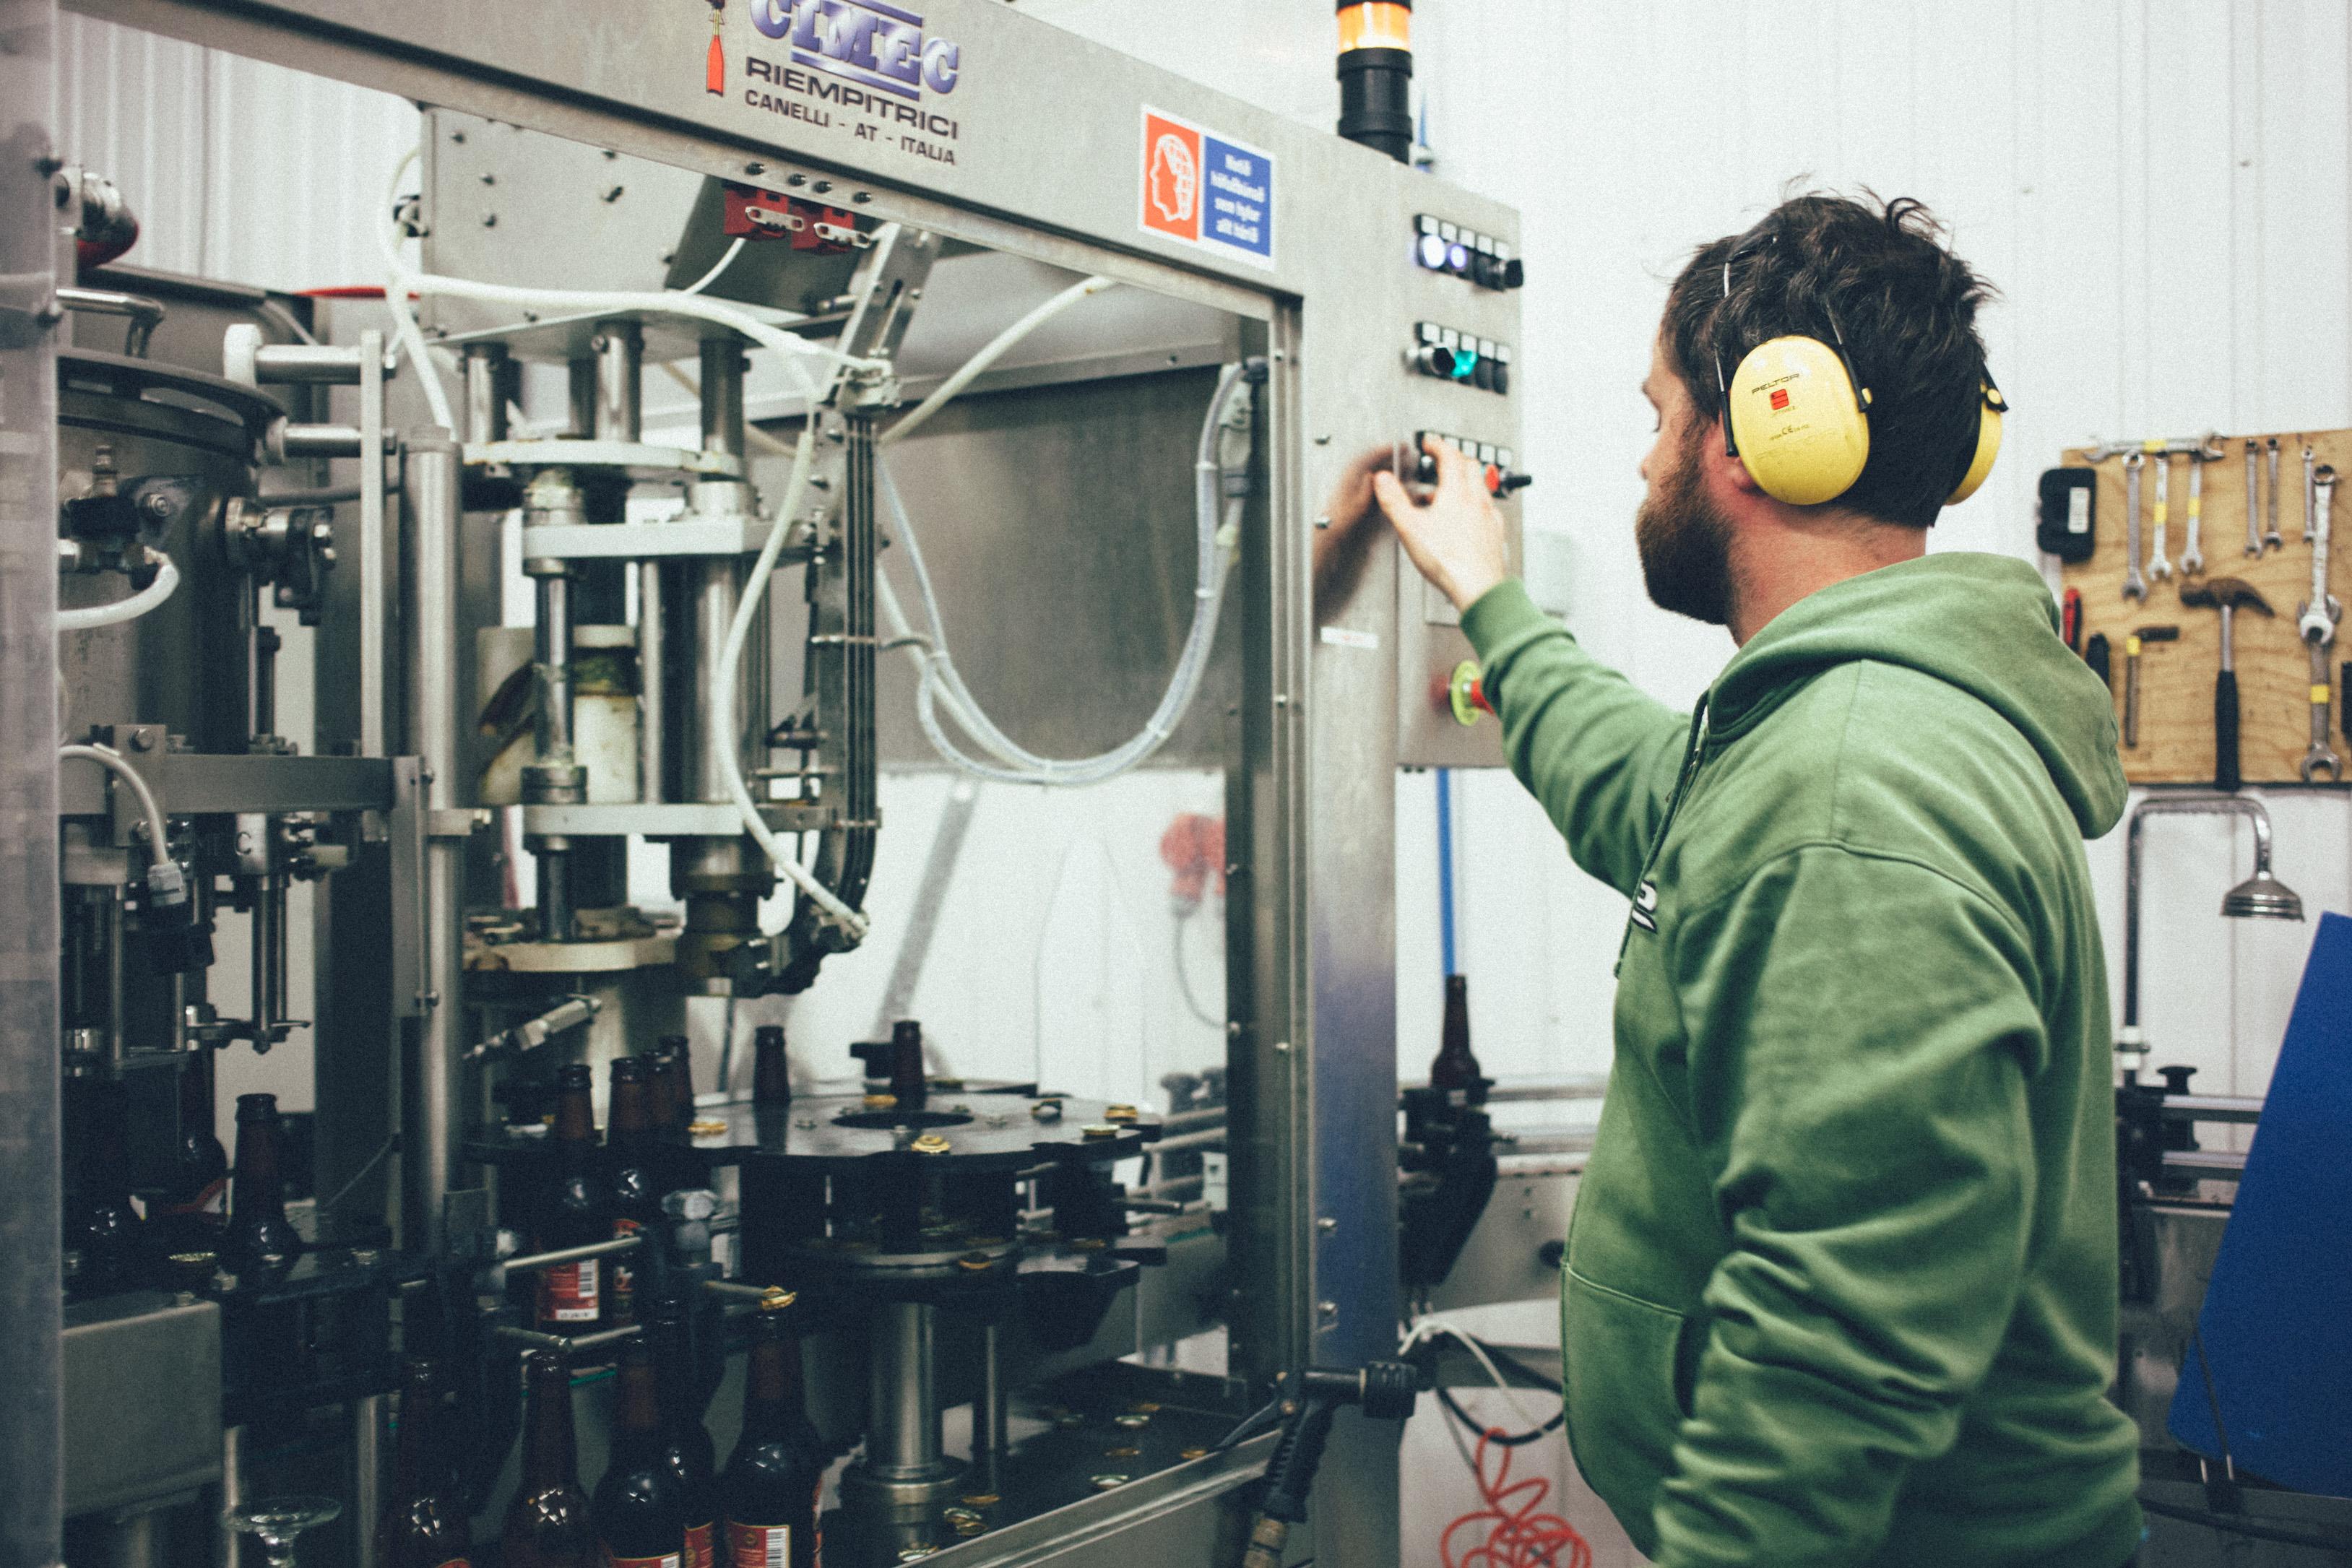 Elvar bottling line, filling bottles of Mori